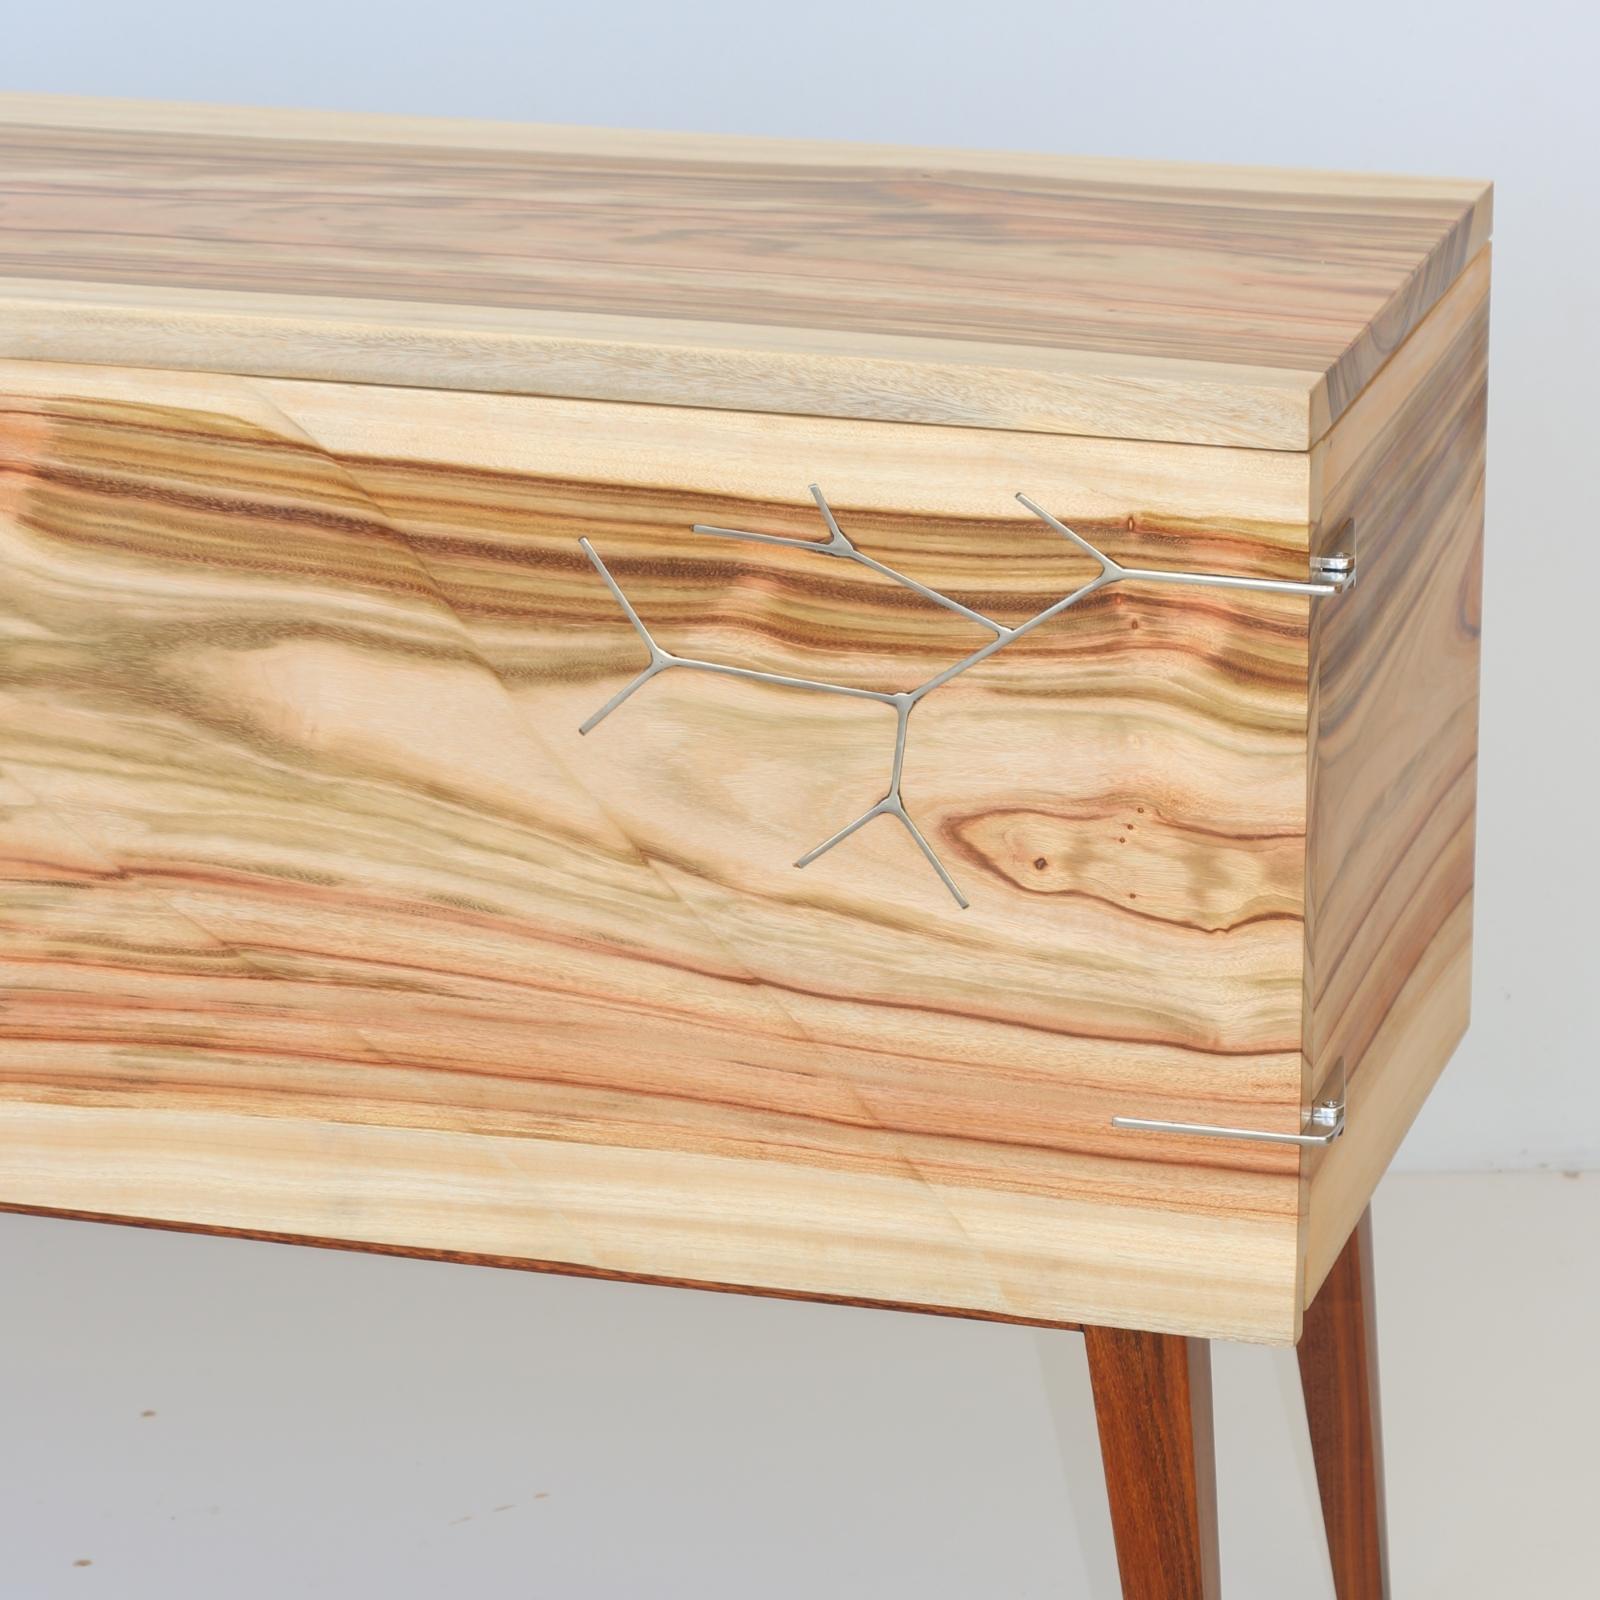 Oksa cabinet by Lasse Kinnunen